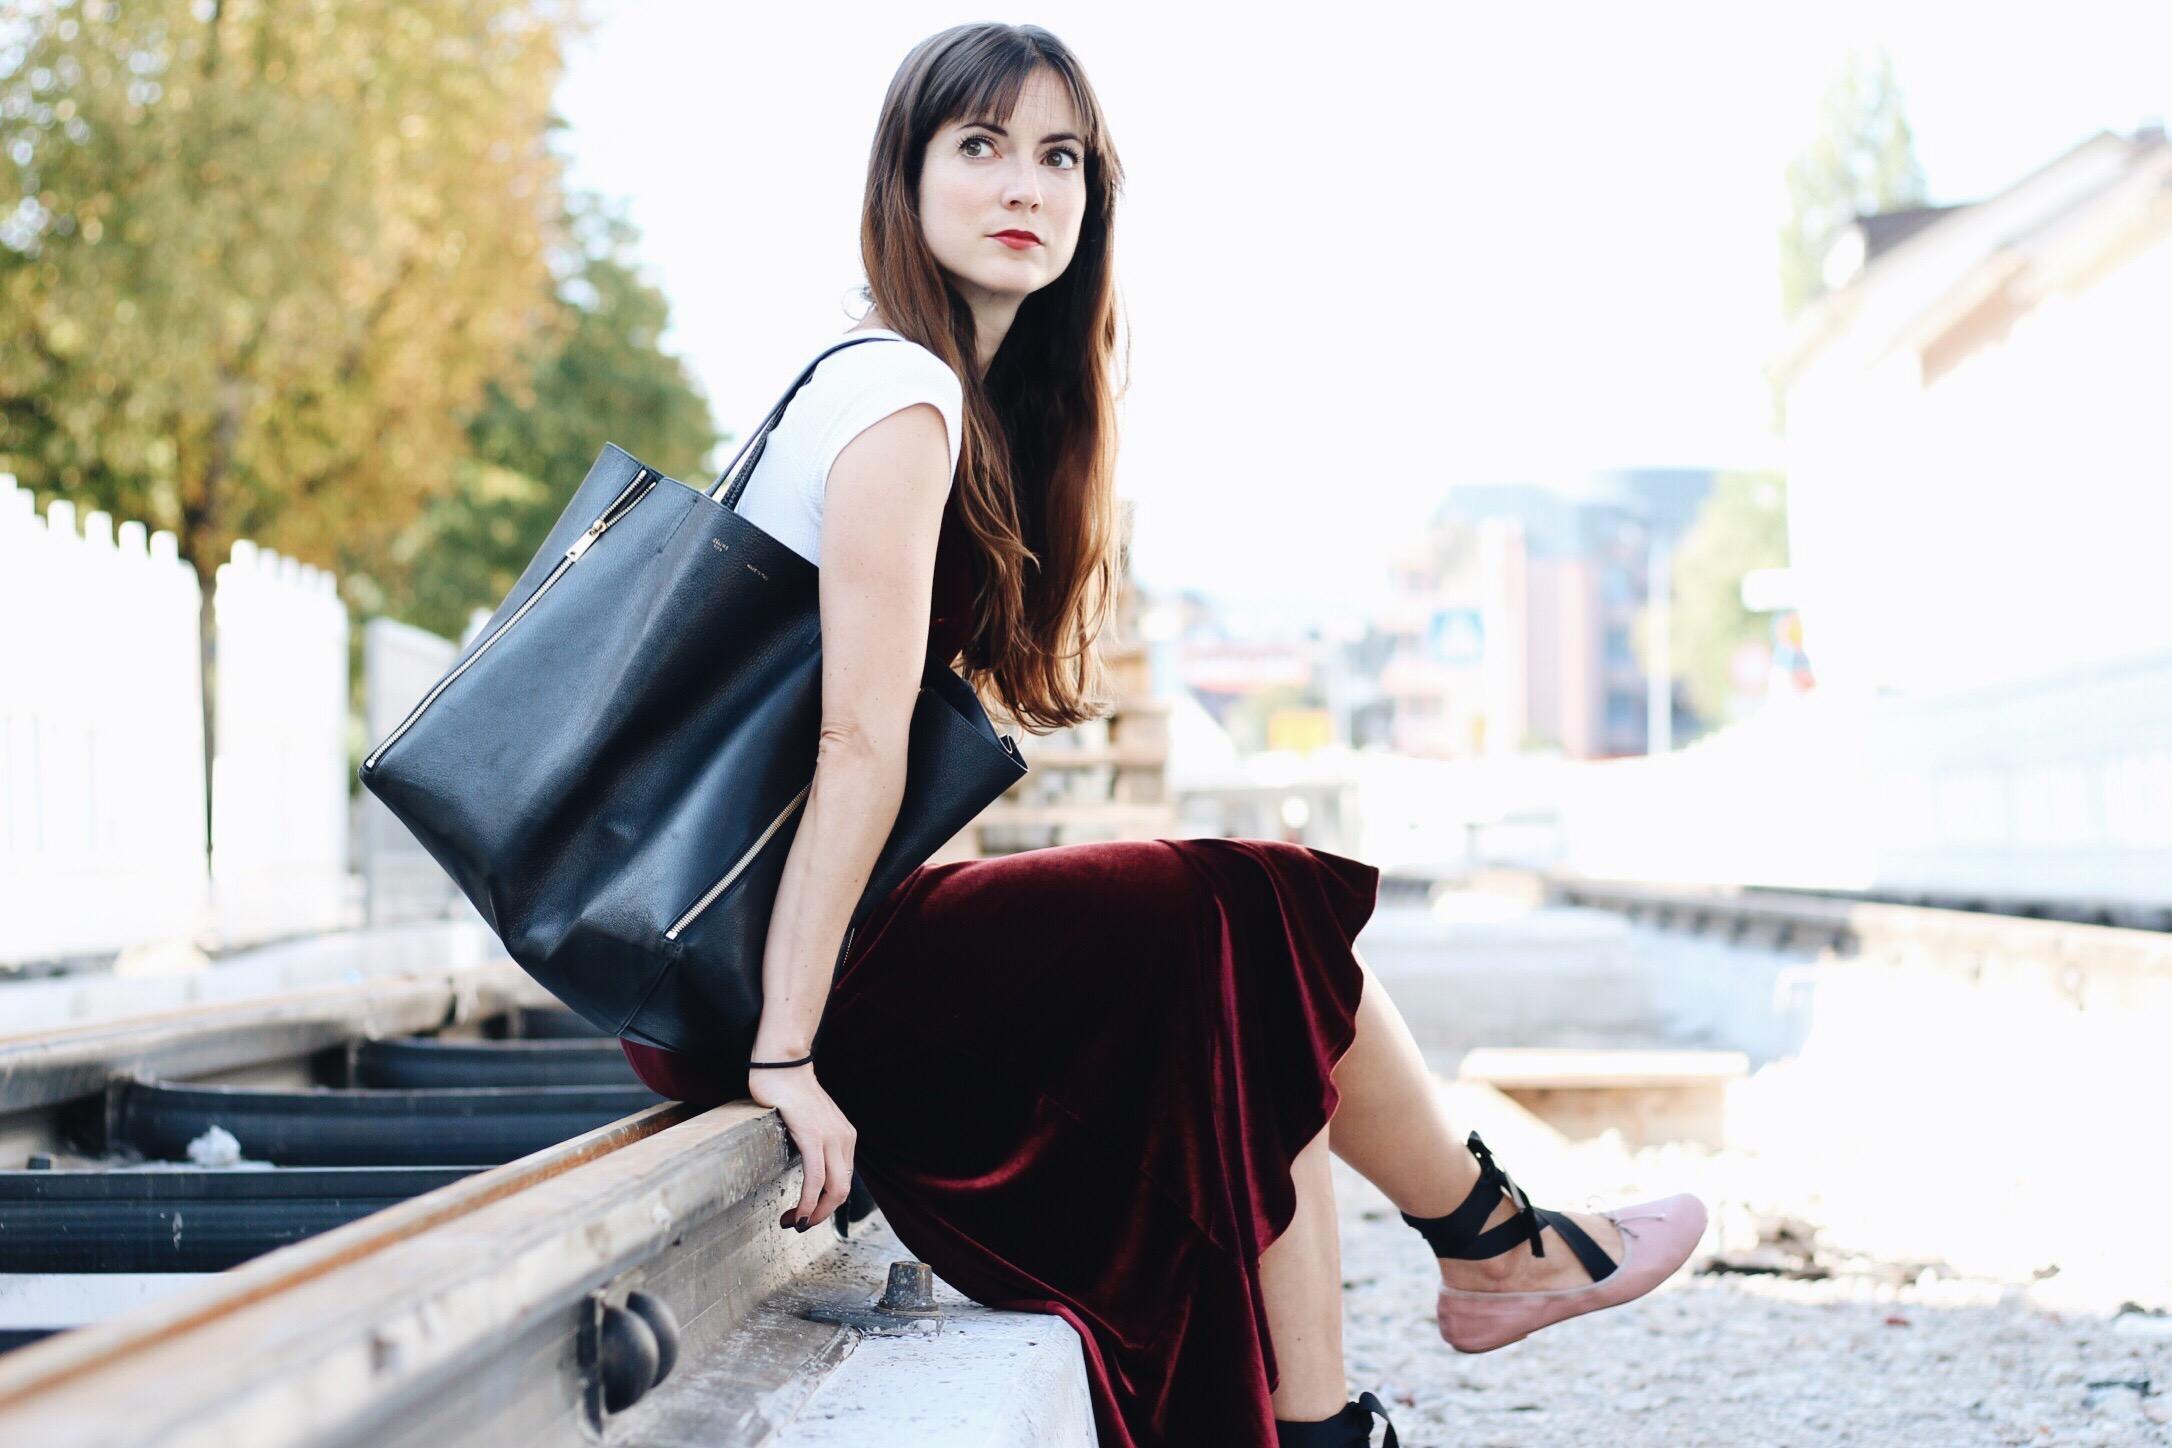 Samtkleid und Ballerinas kombiniert für meinen Modeblog